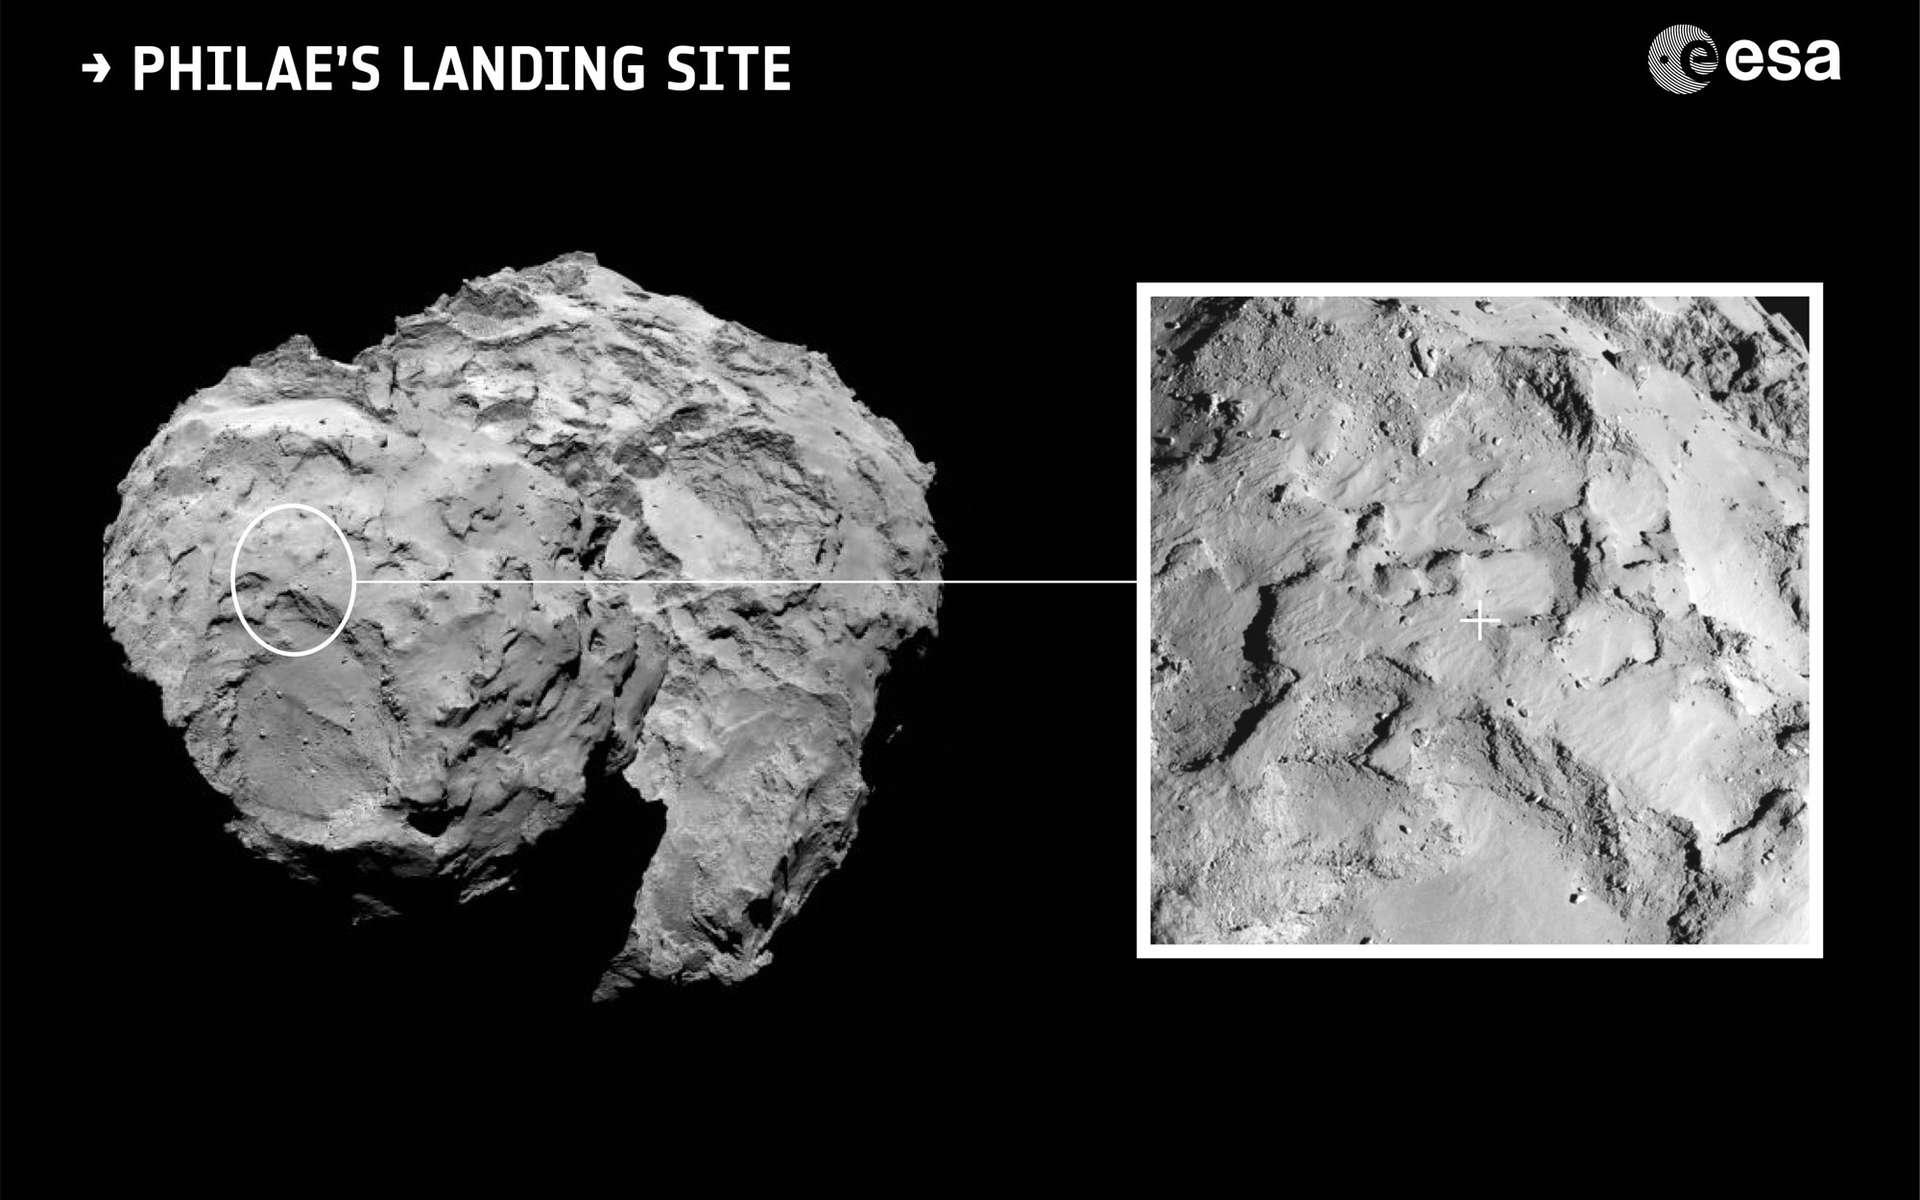 Emplacement du site d'atterrissage de Philae sur la comète 67P/Churyumov-Gerasimenko. © Esa/Rosetta/MPS for OSIRIS Team MPS/UPD/LAM/IAA/SSO/INTA/UPM/DASP/IDA